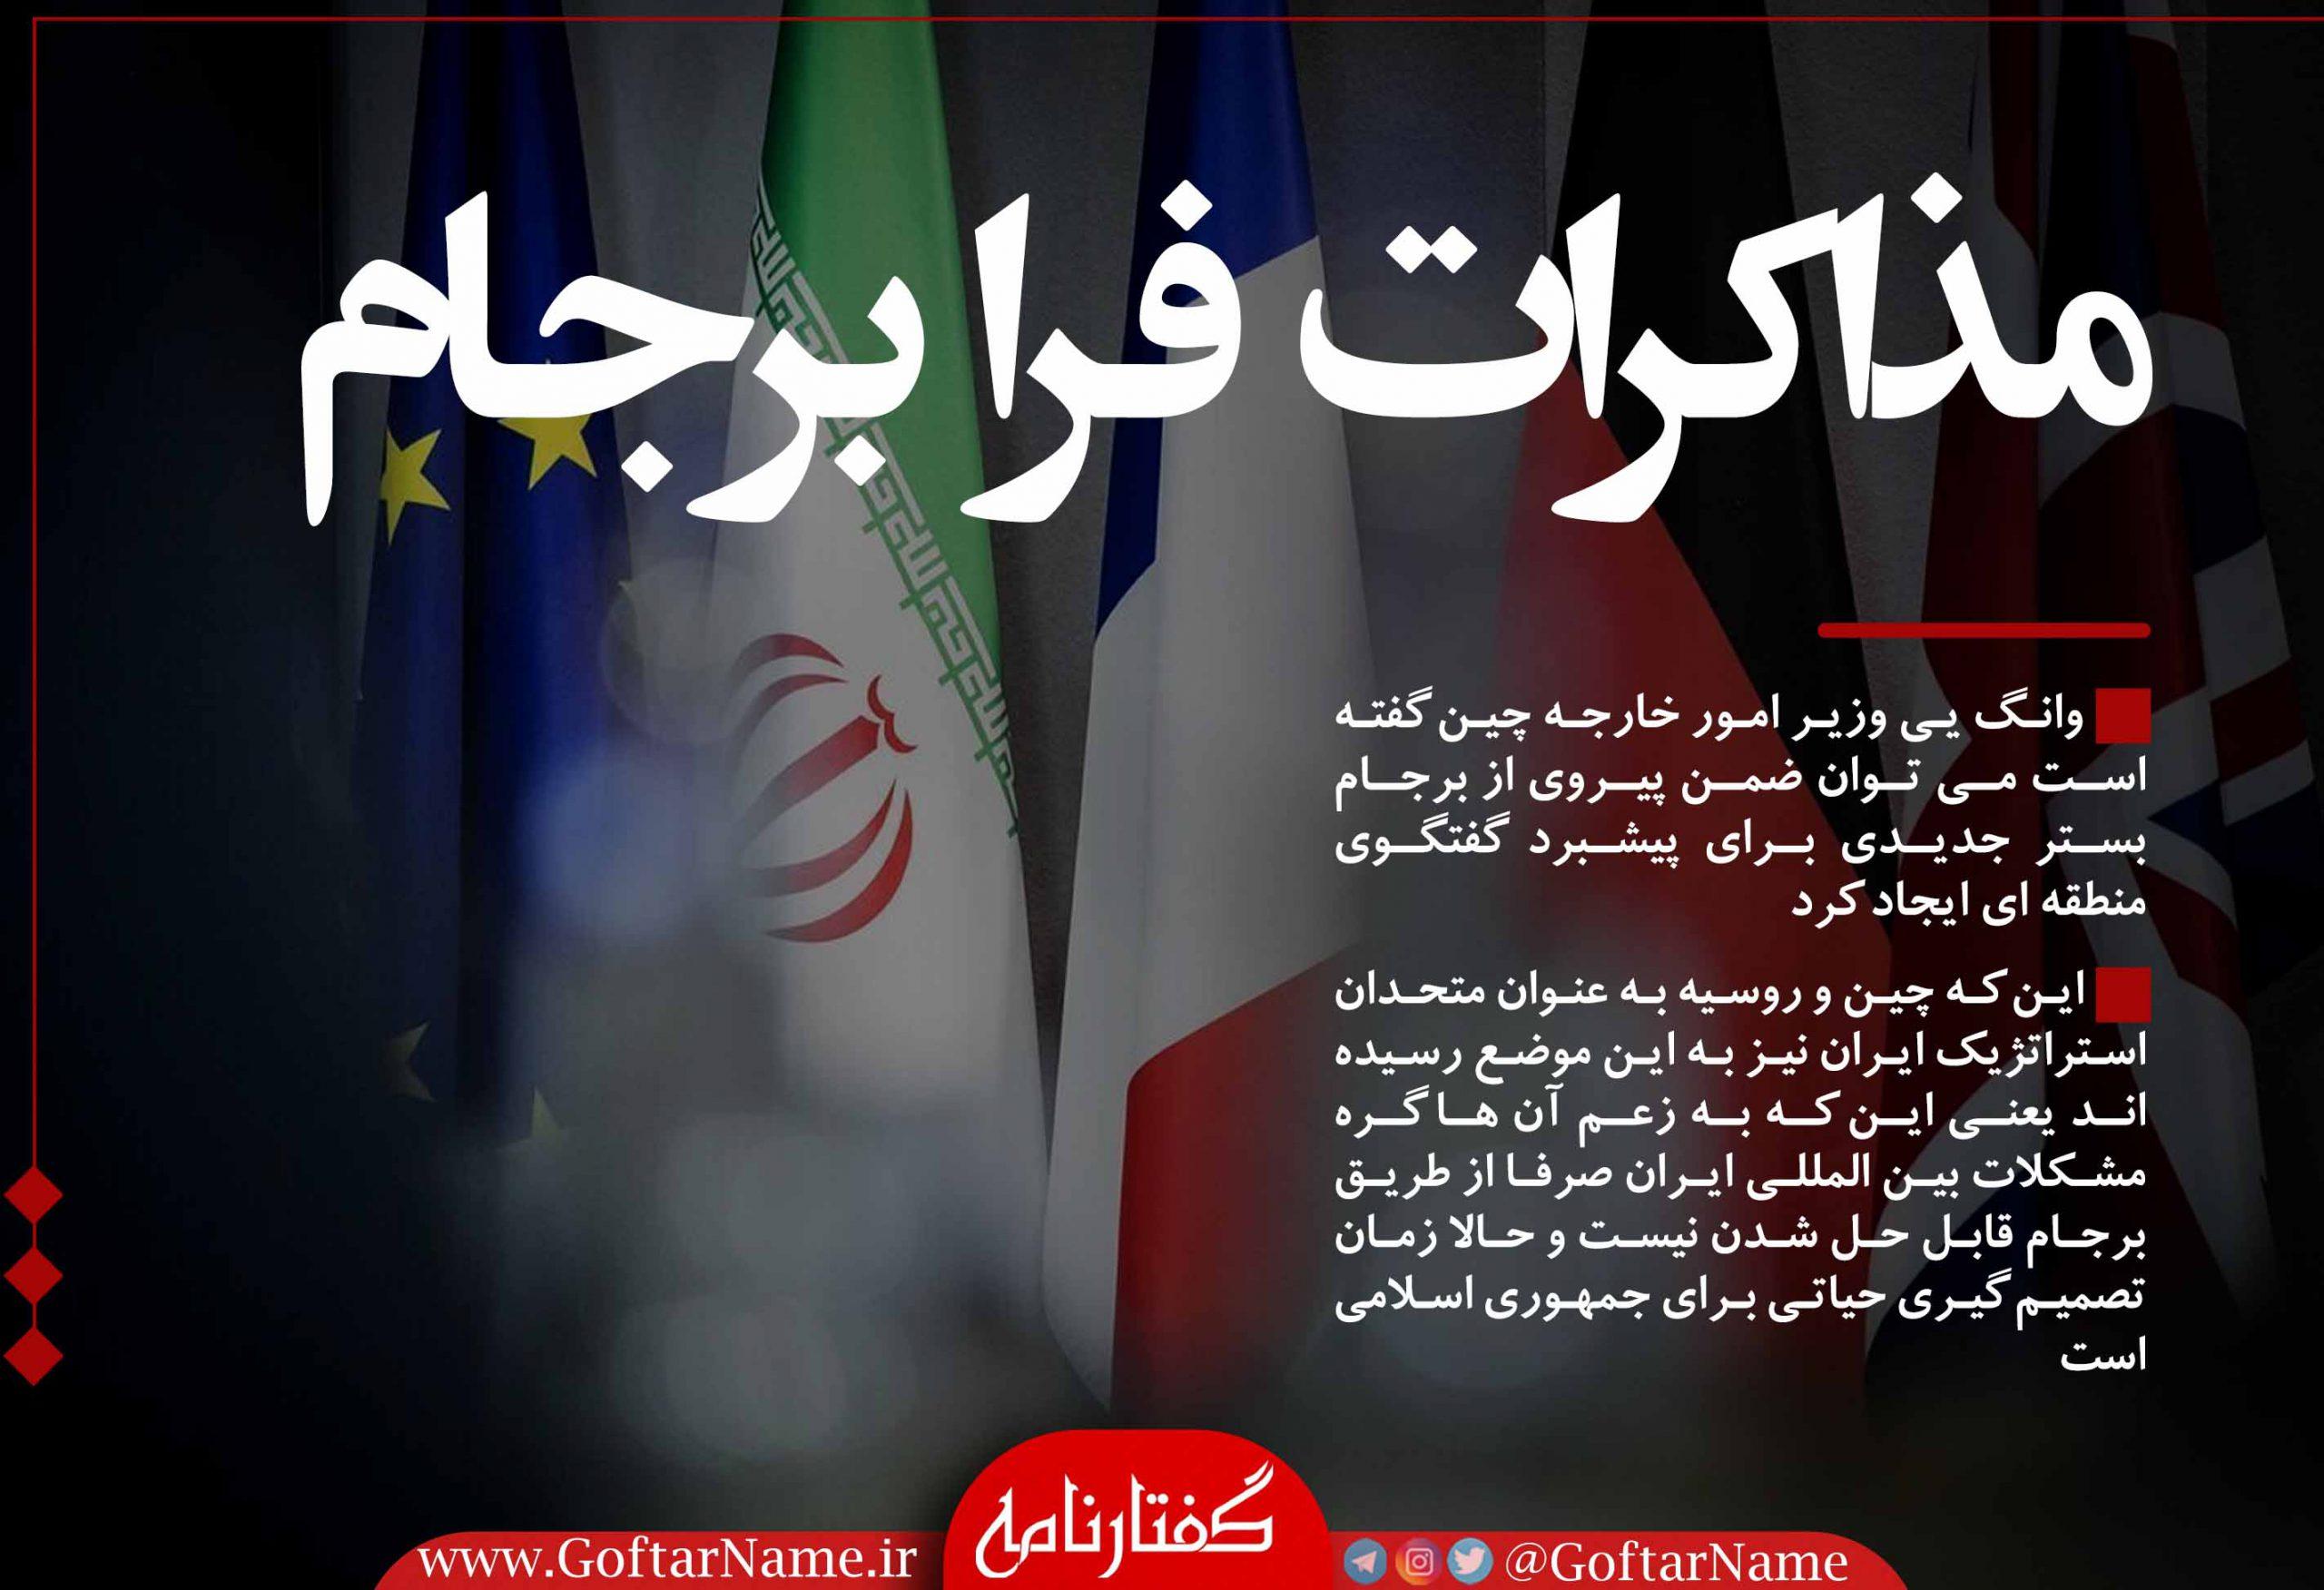 متحدان ایران در مسیر مذاکرات فرابرجامی